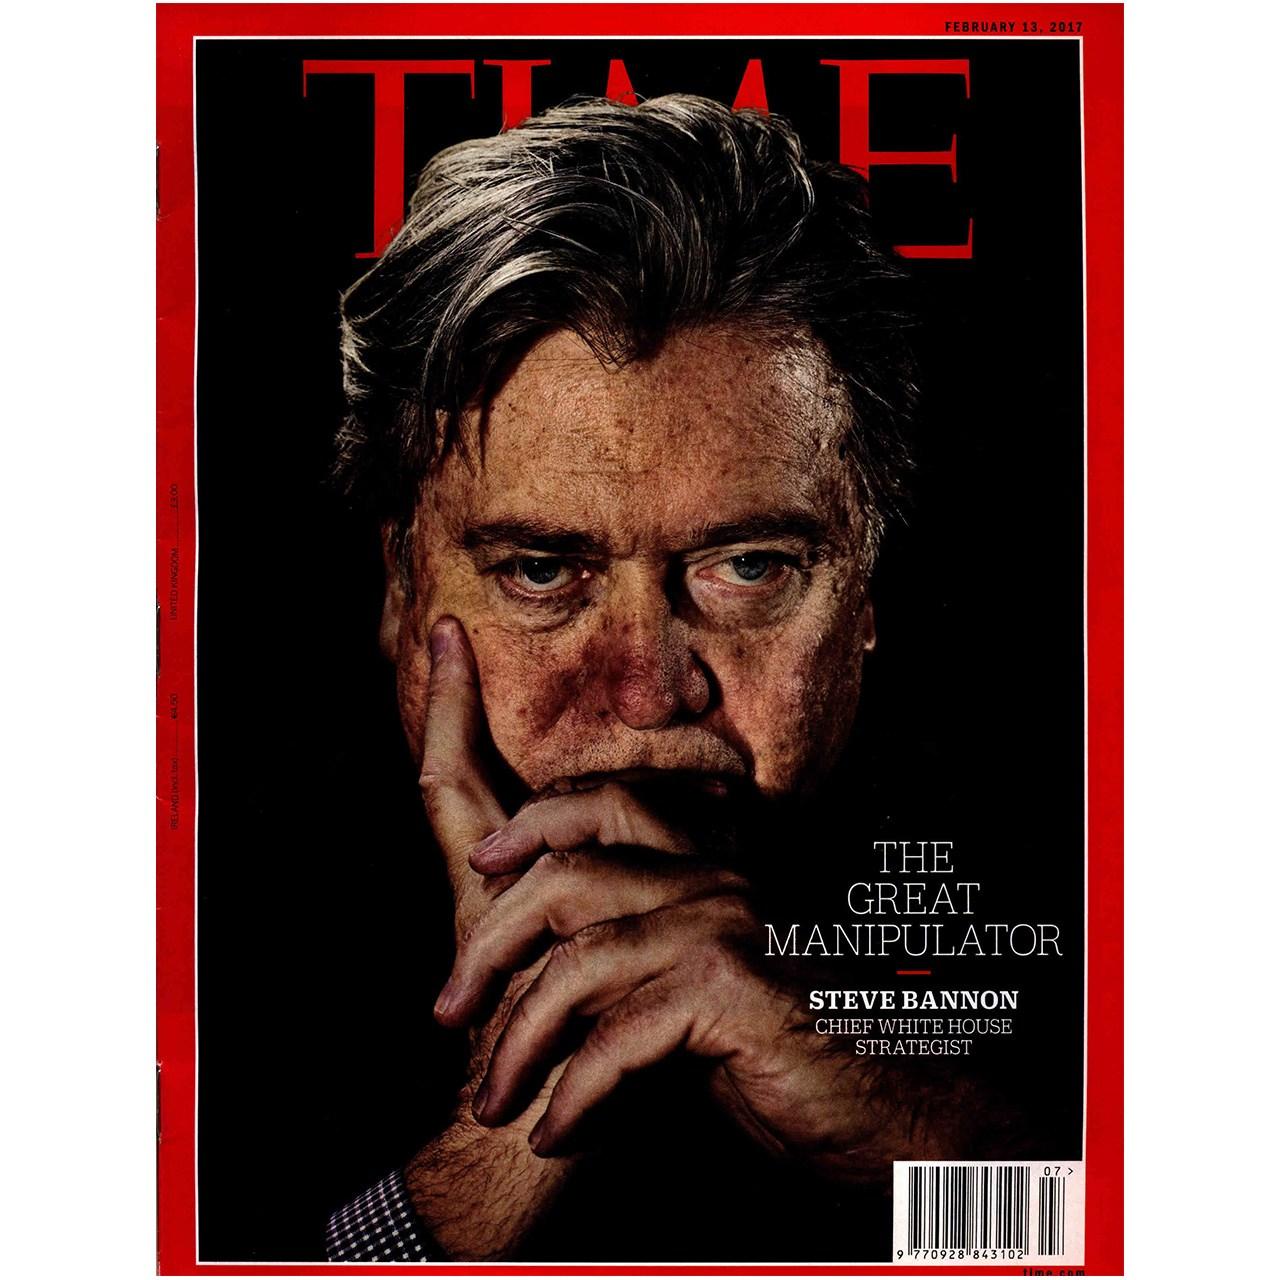 مجله تایم - سیزدهم فوریه 2017